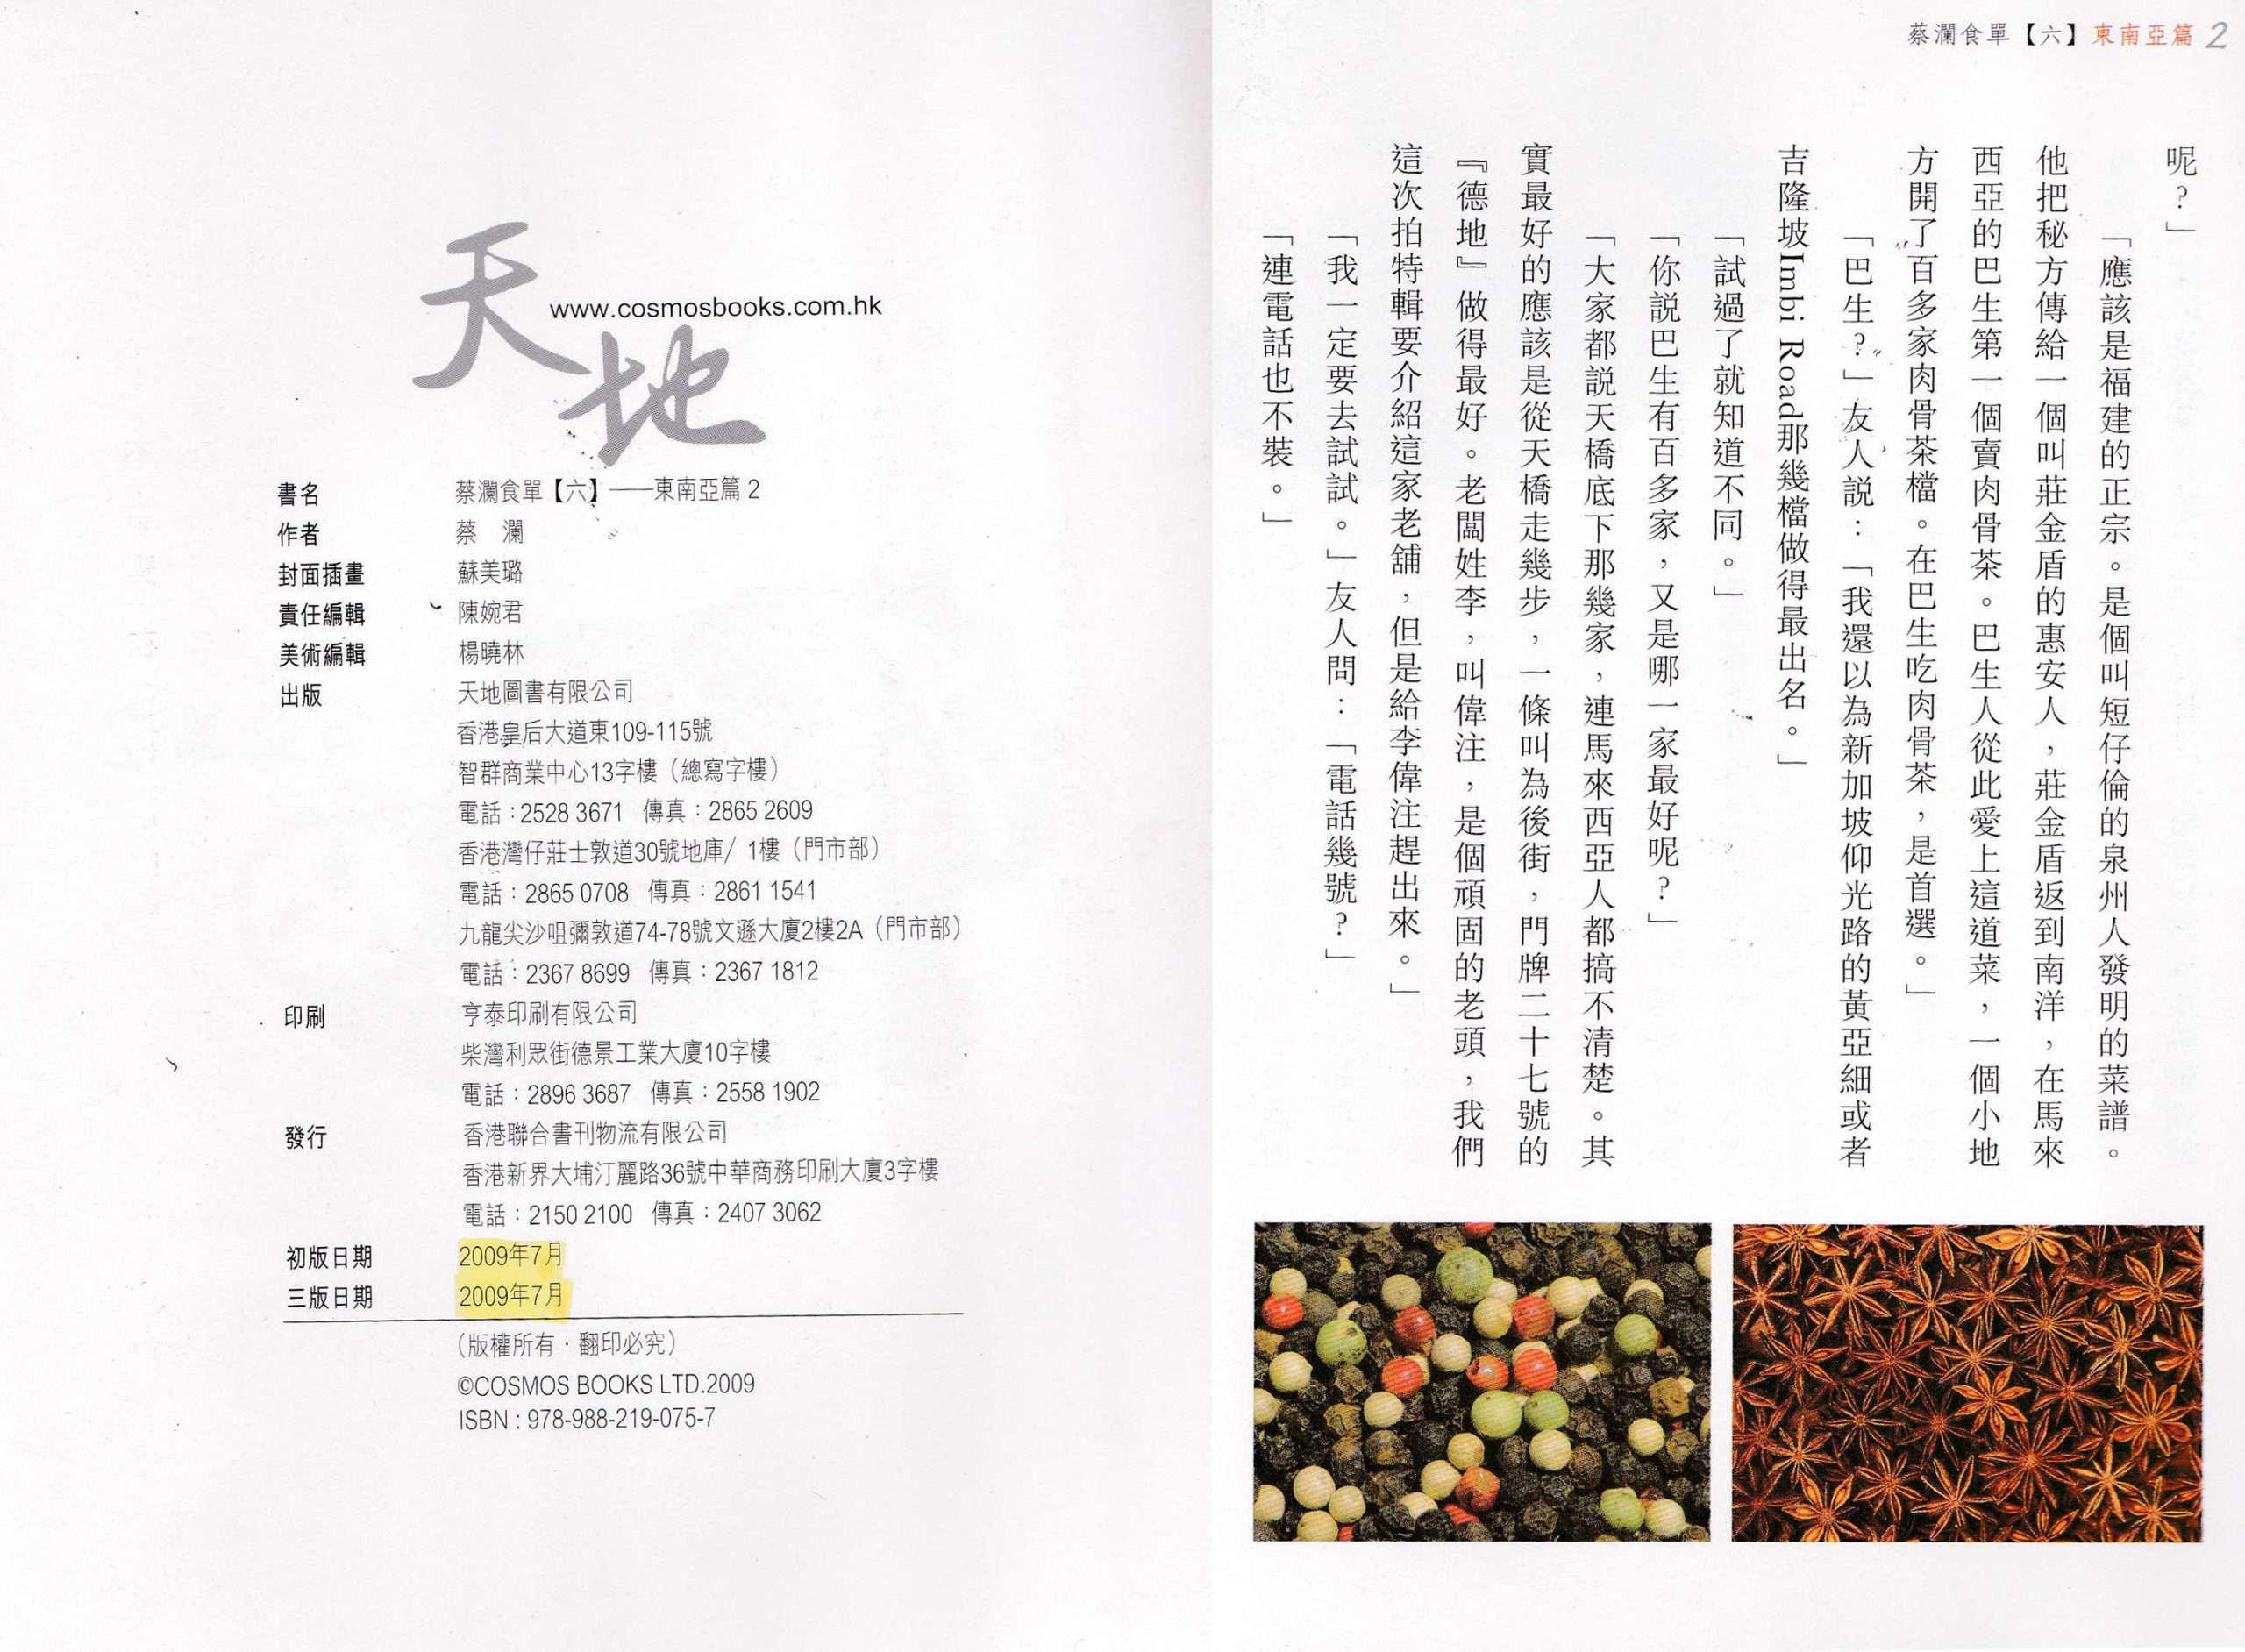 马来西亚食神-肉骨茶 蔡澜